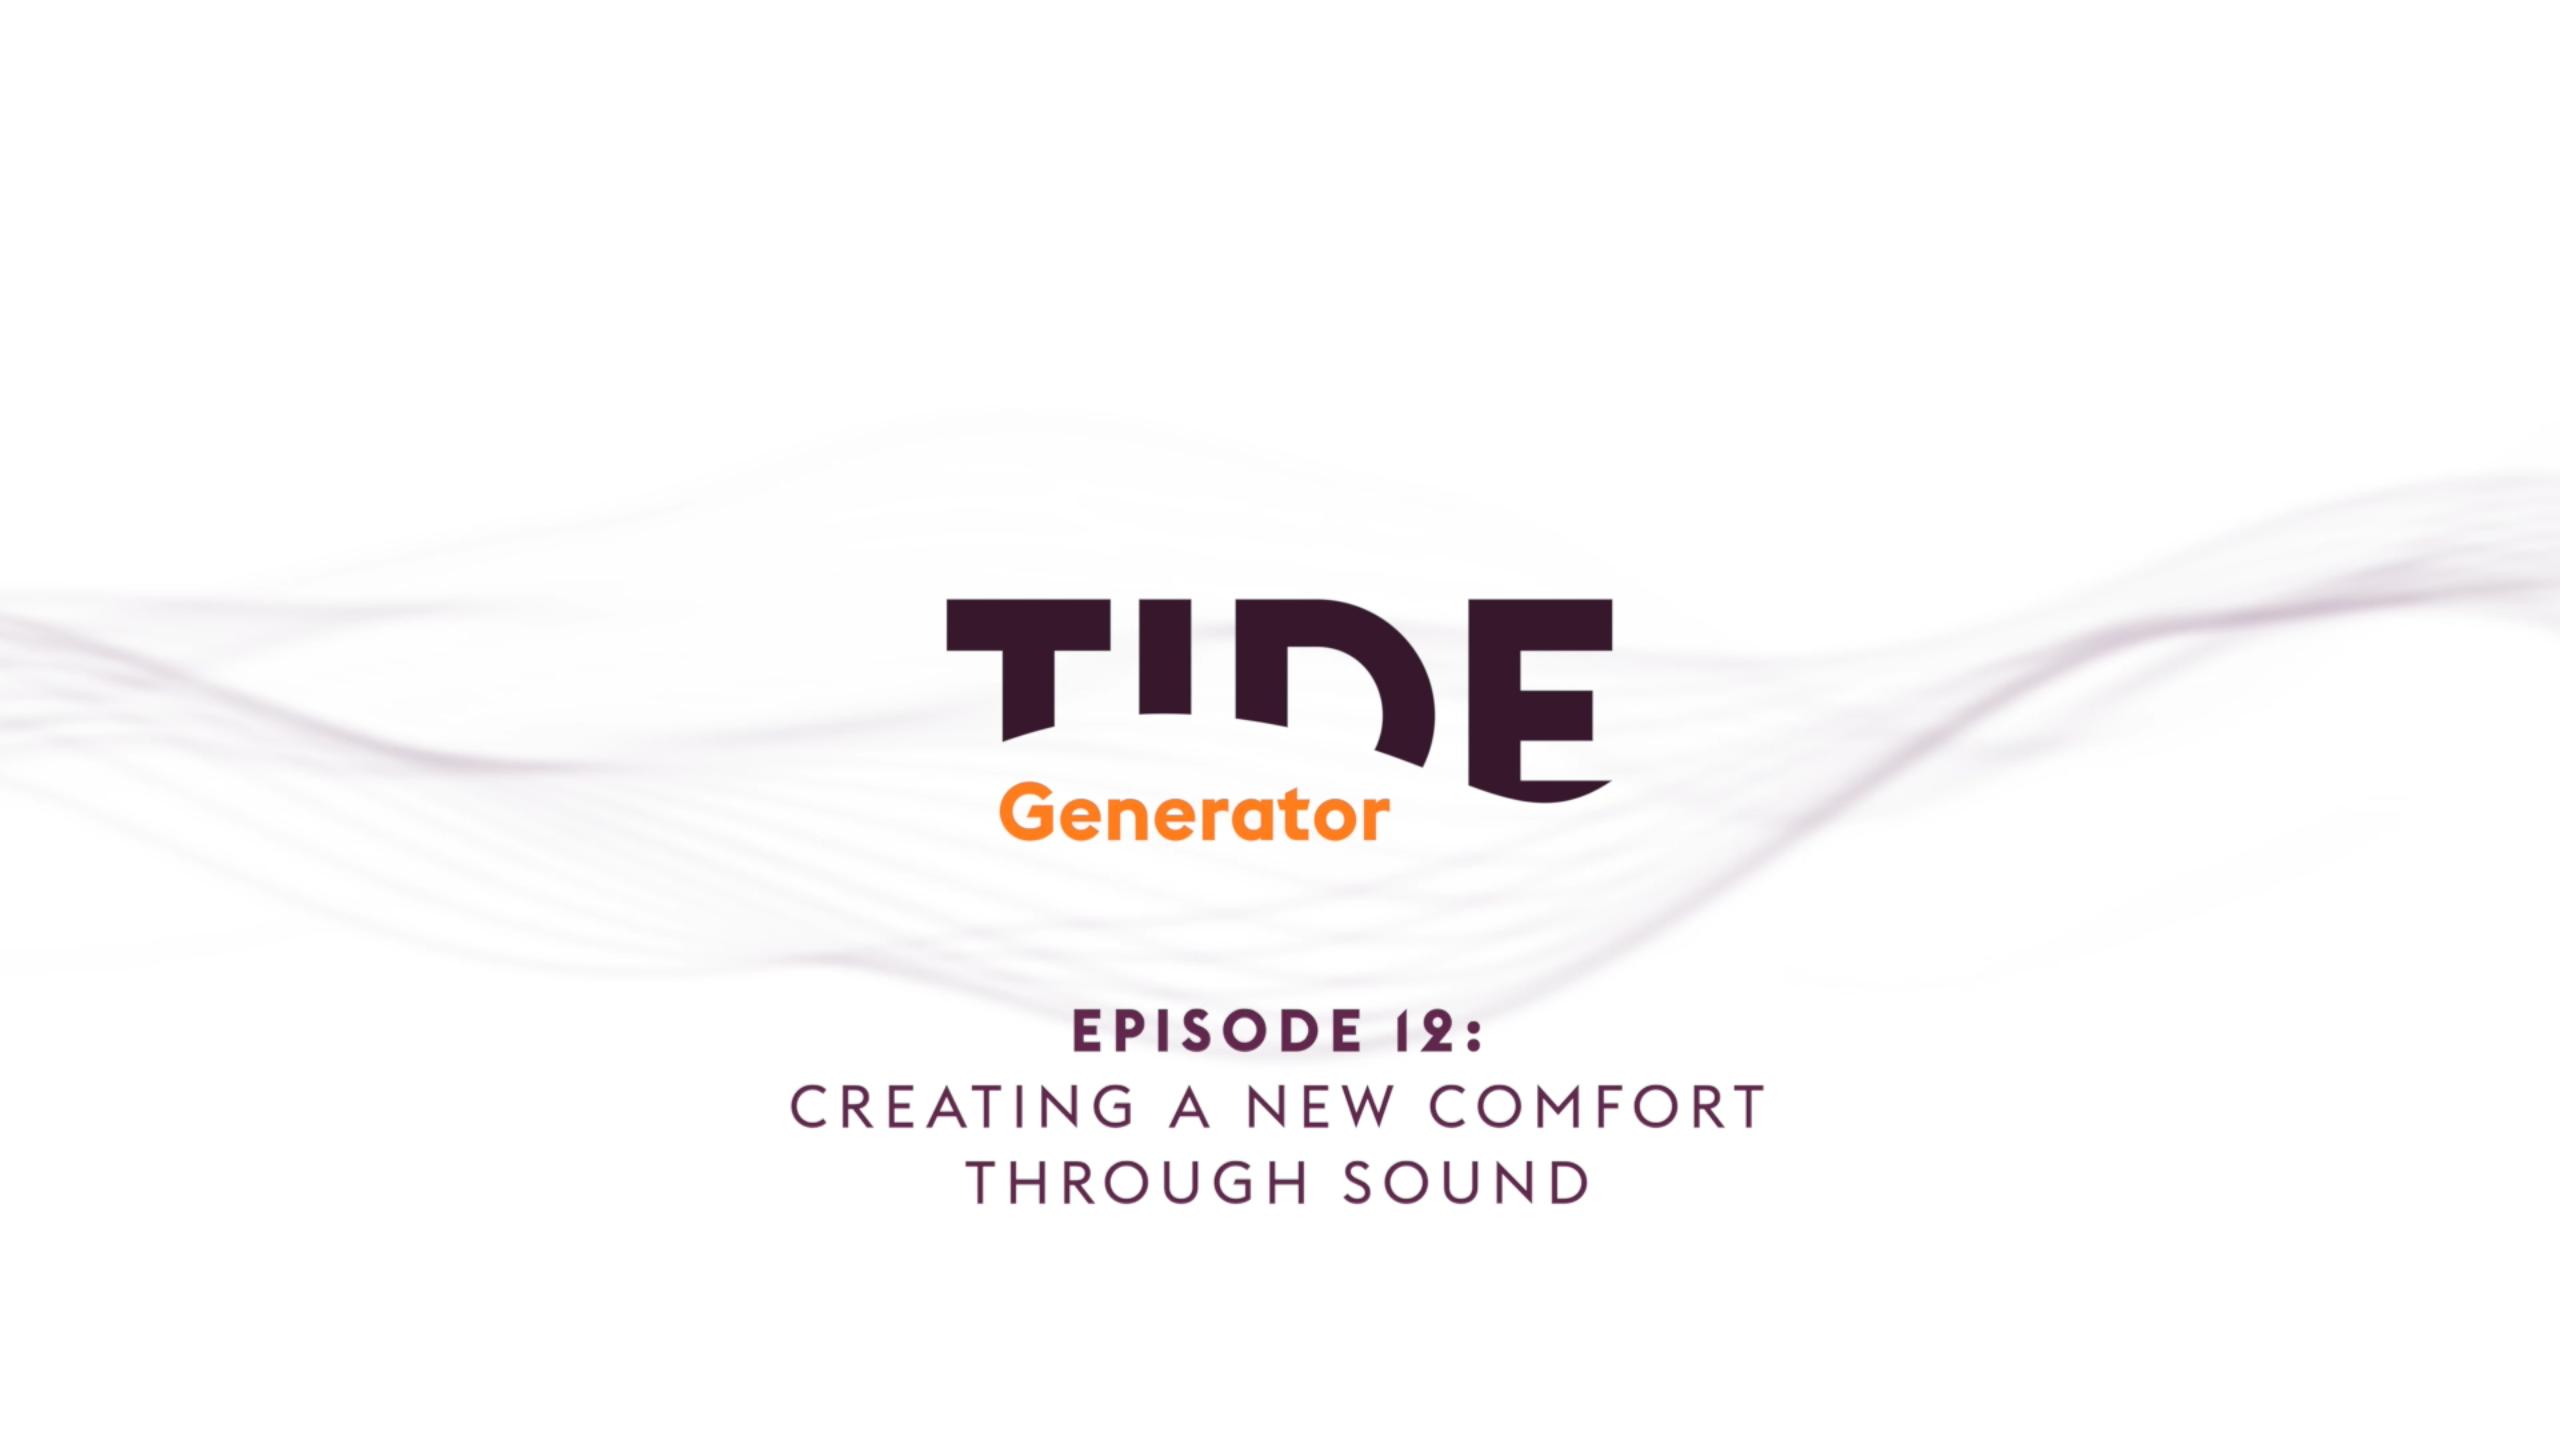 TIDE Generator Episode 12 | AVIXA